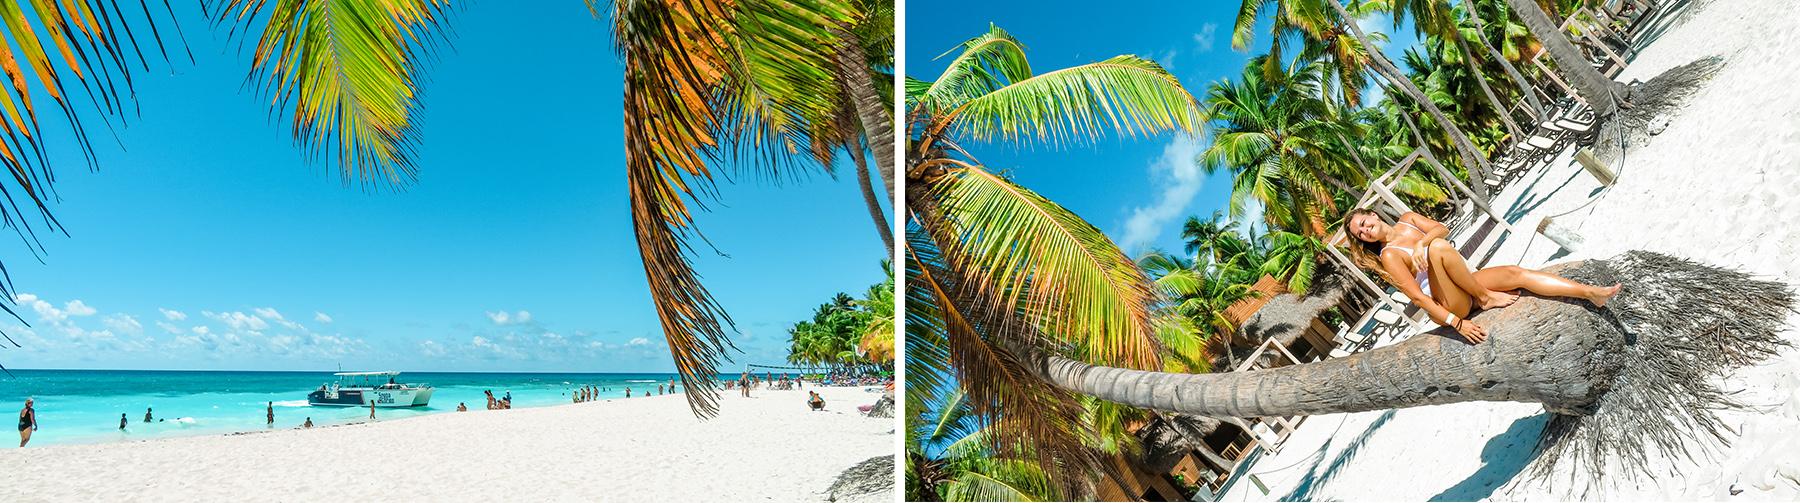 Dominikanische Republik Isla Saona Meer Palmen